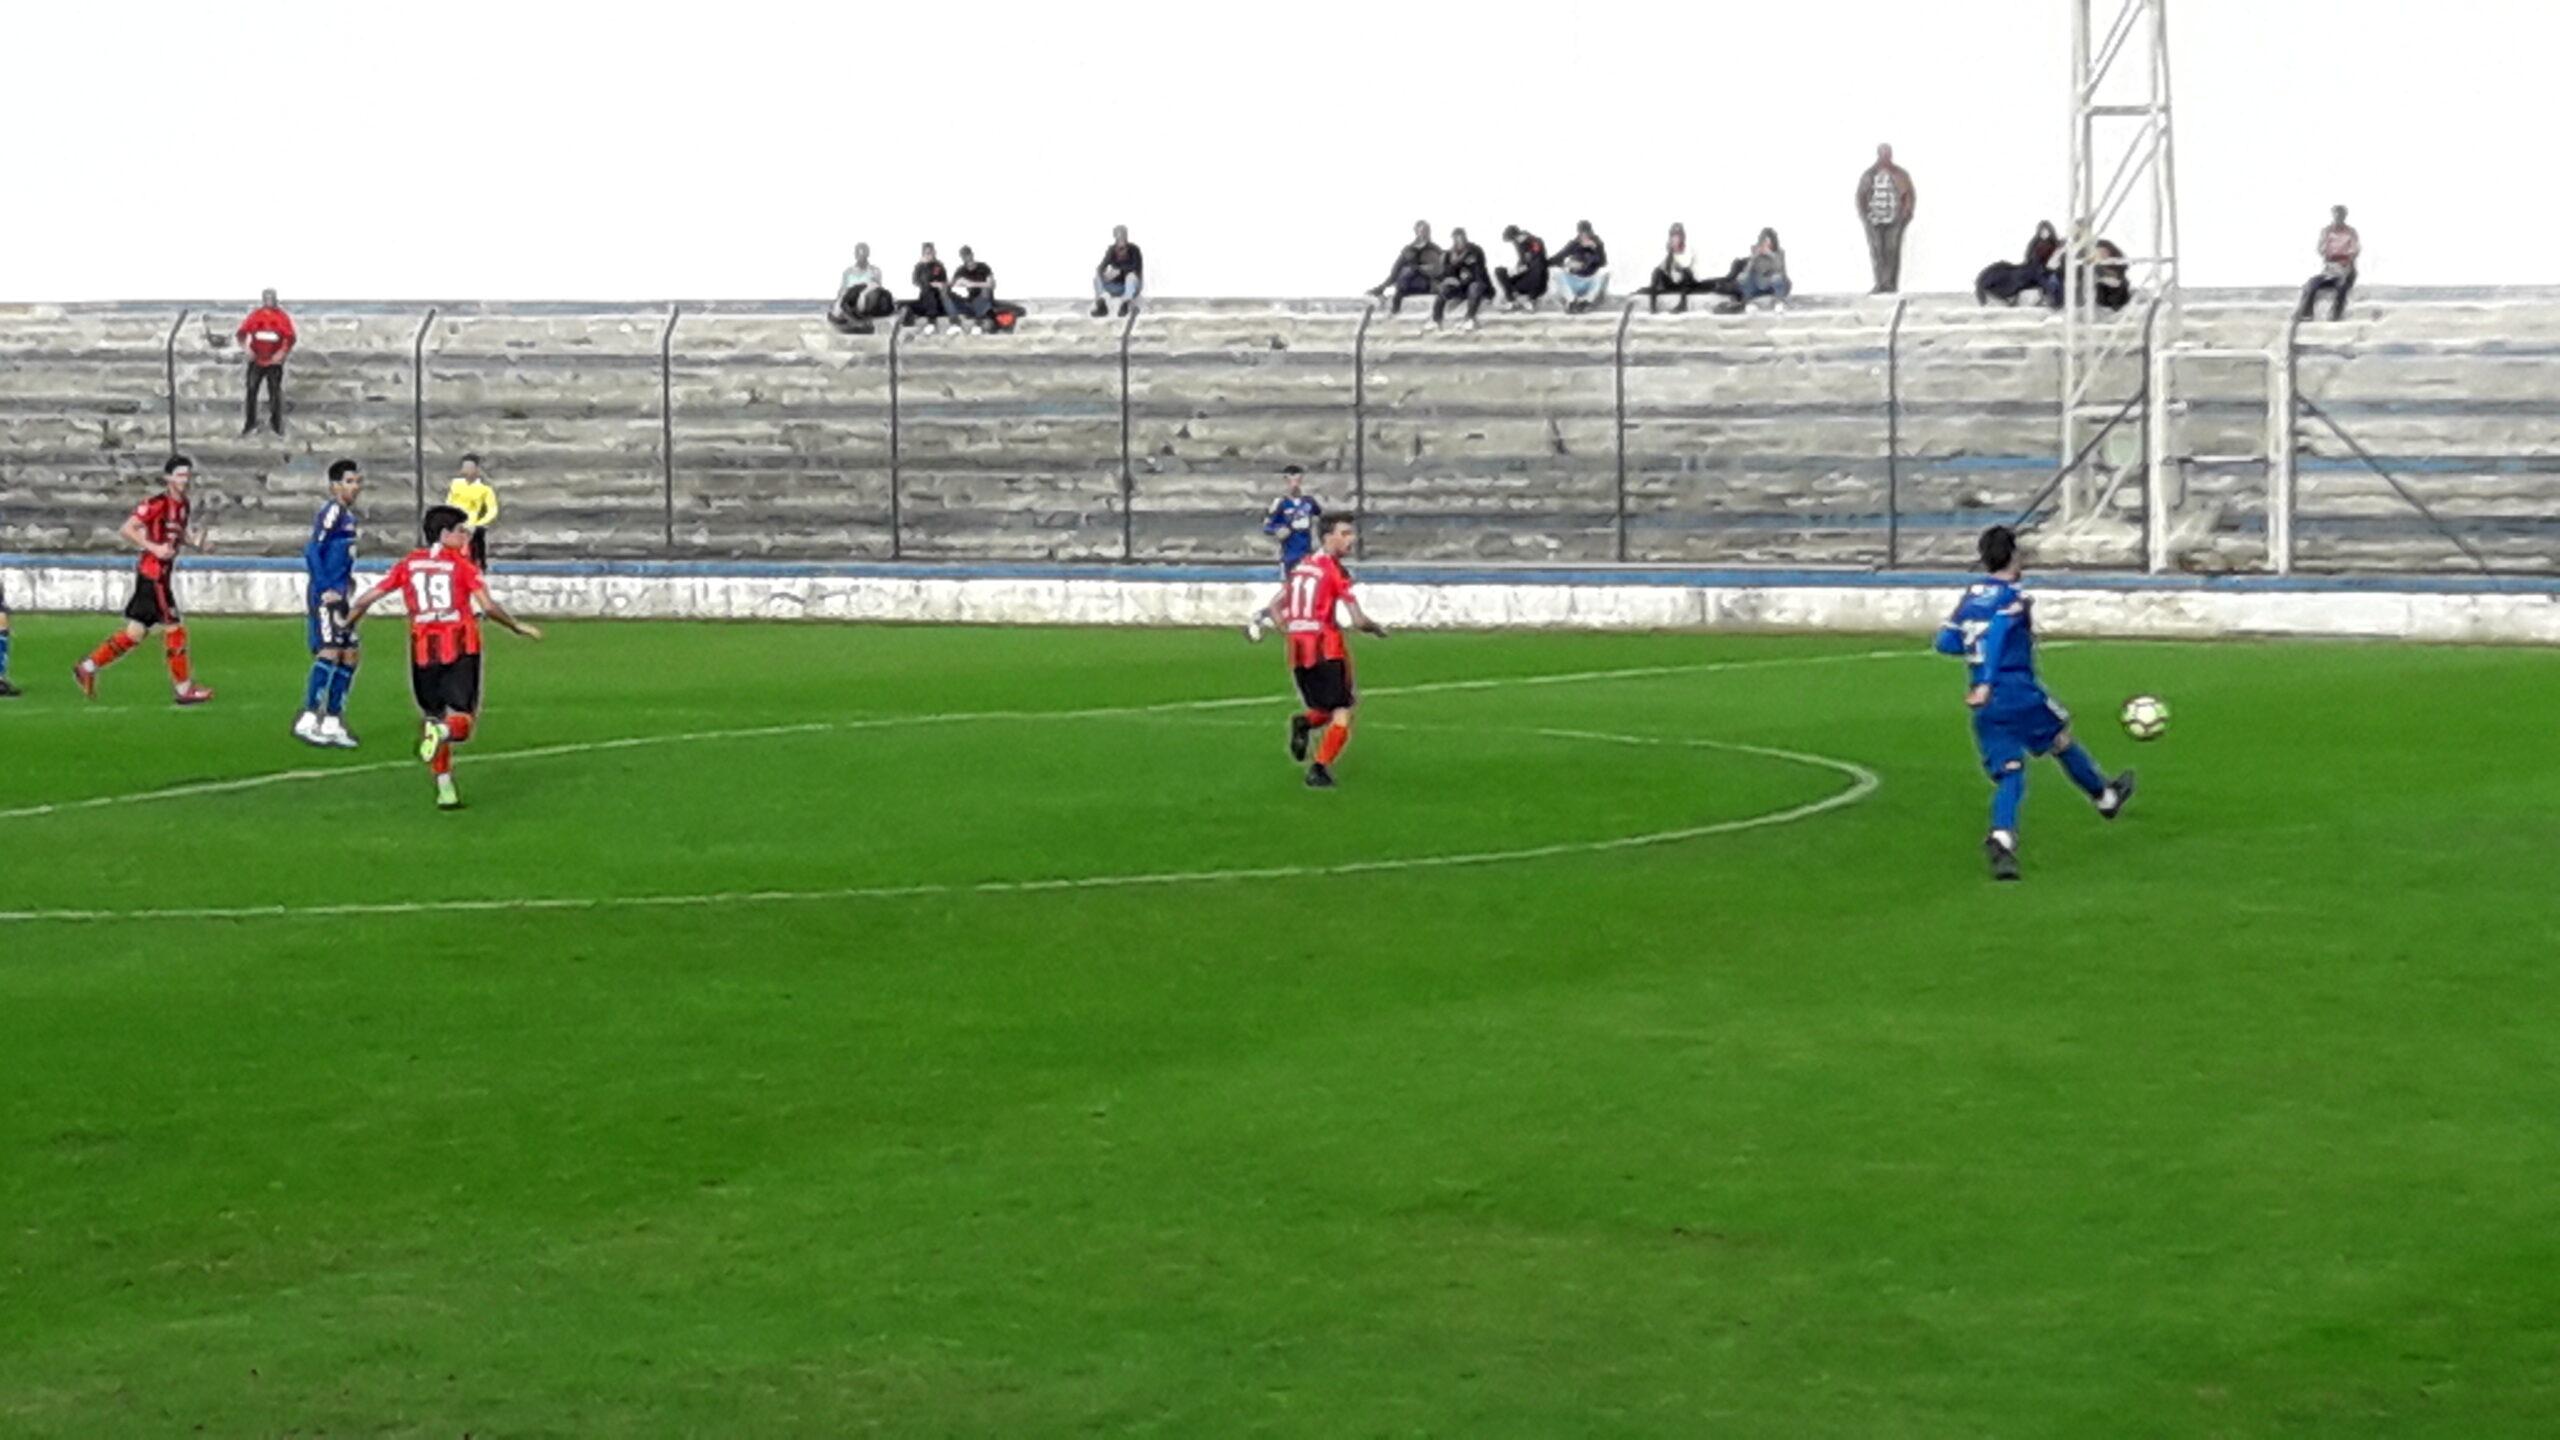 Futebol: SC Vianense goleia Correlhã e mantém liderança na 1ª divisão distrital